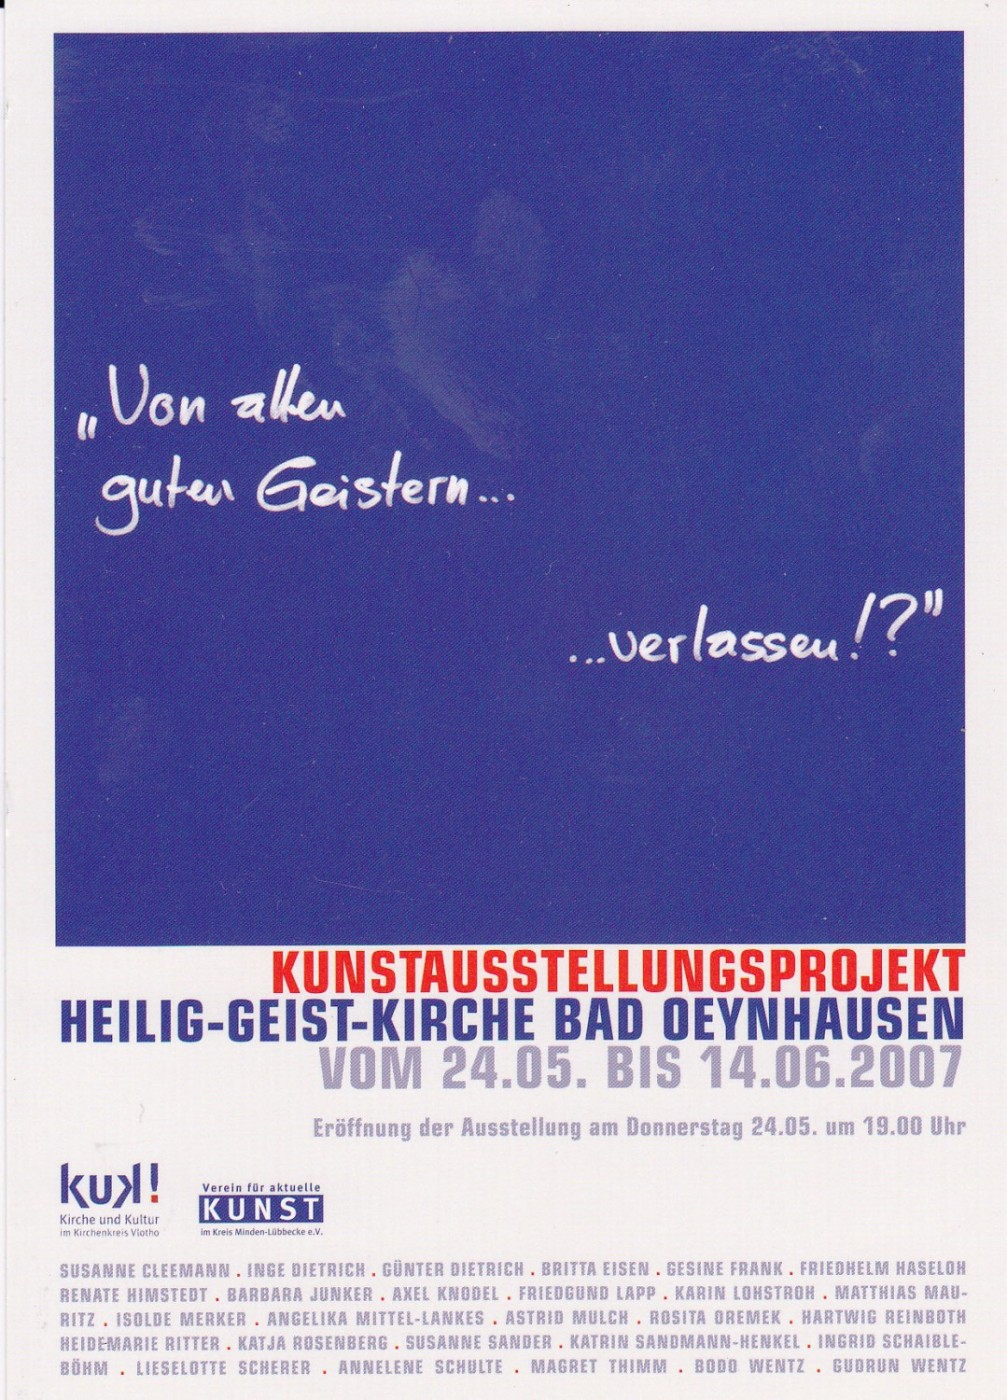 aus-2007-von-allen-guten-geistern-verlassen-bad-oeynhausen